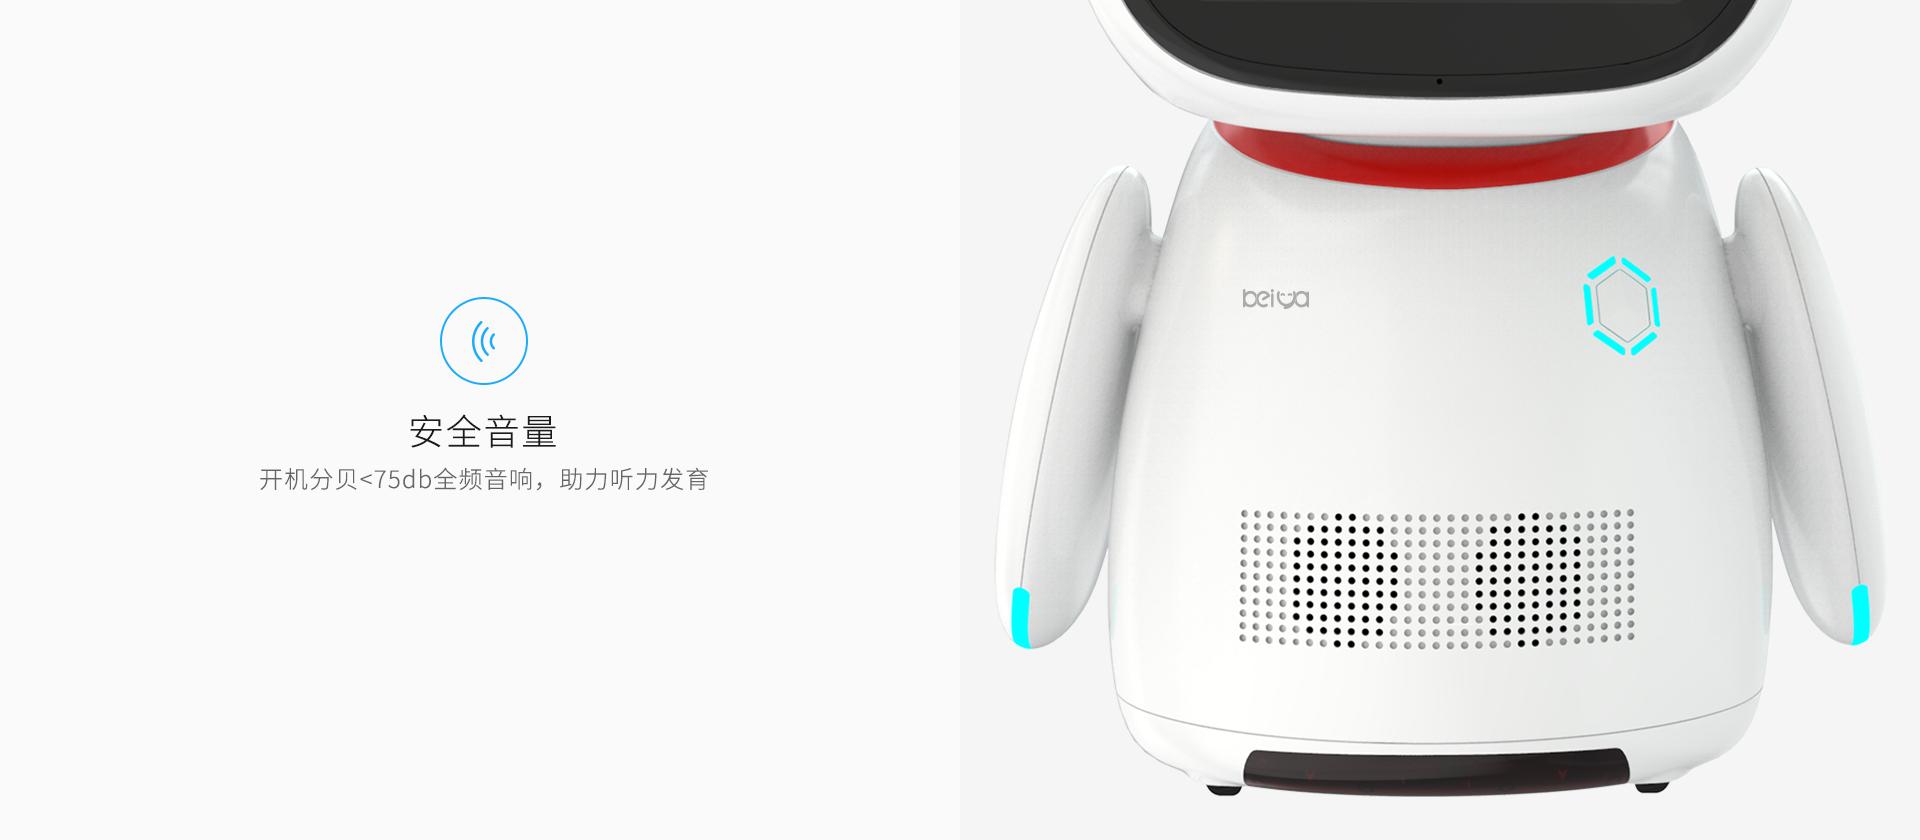 贝芽教育机器人